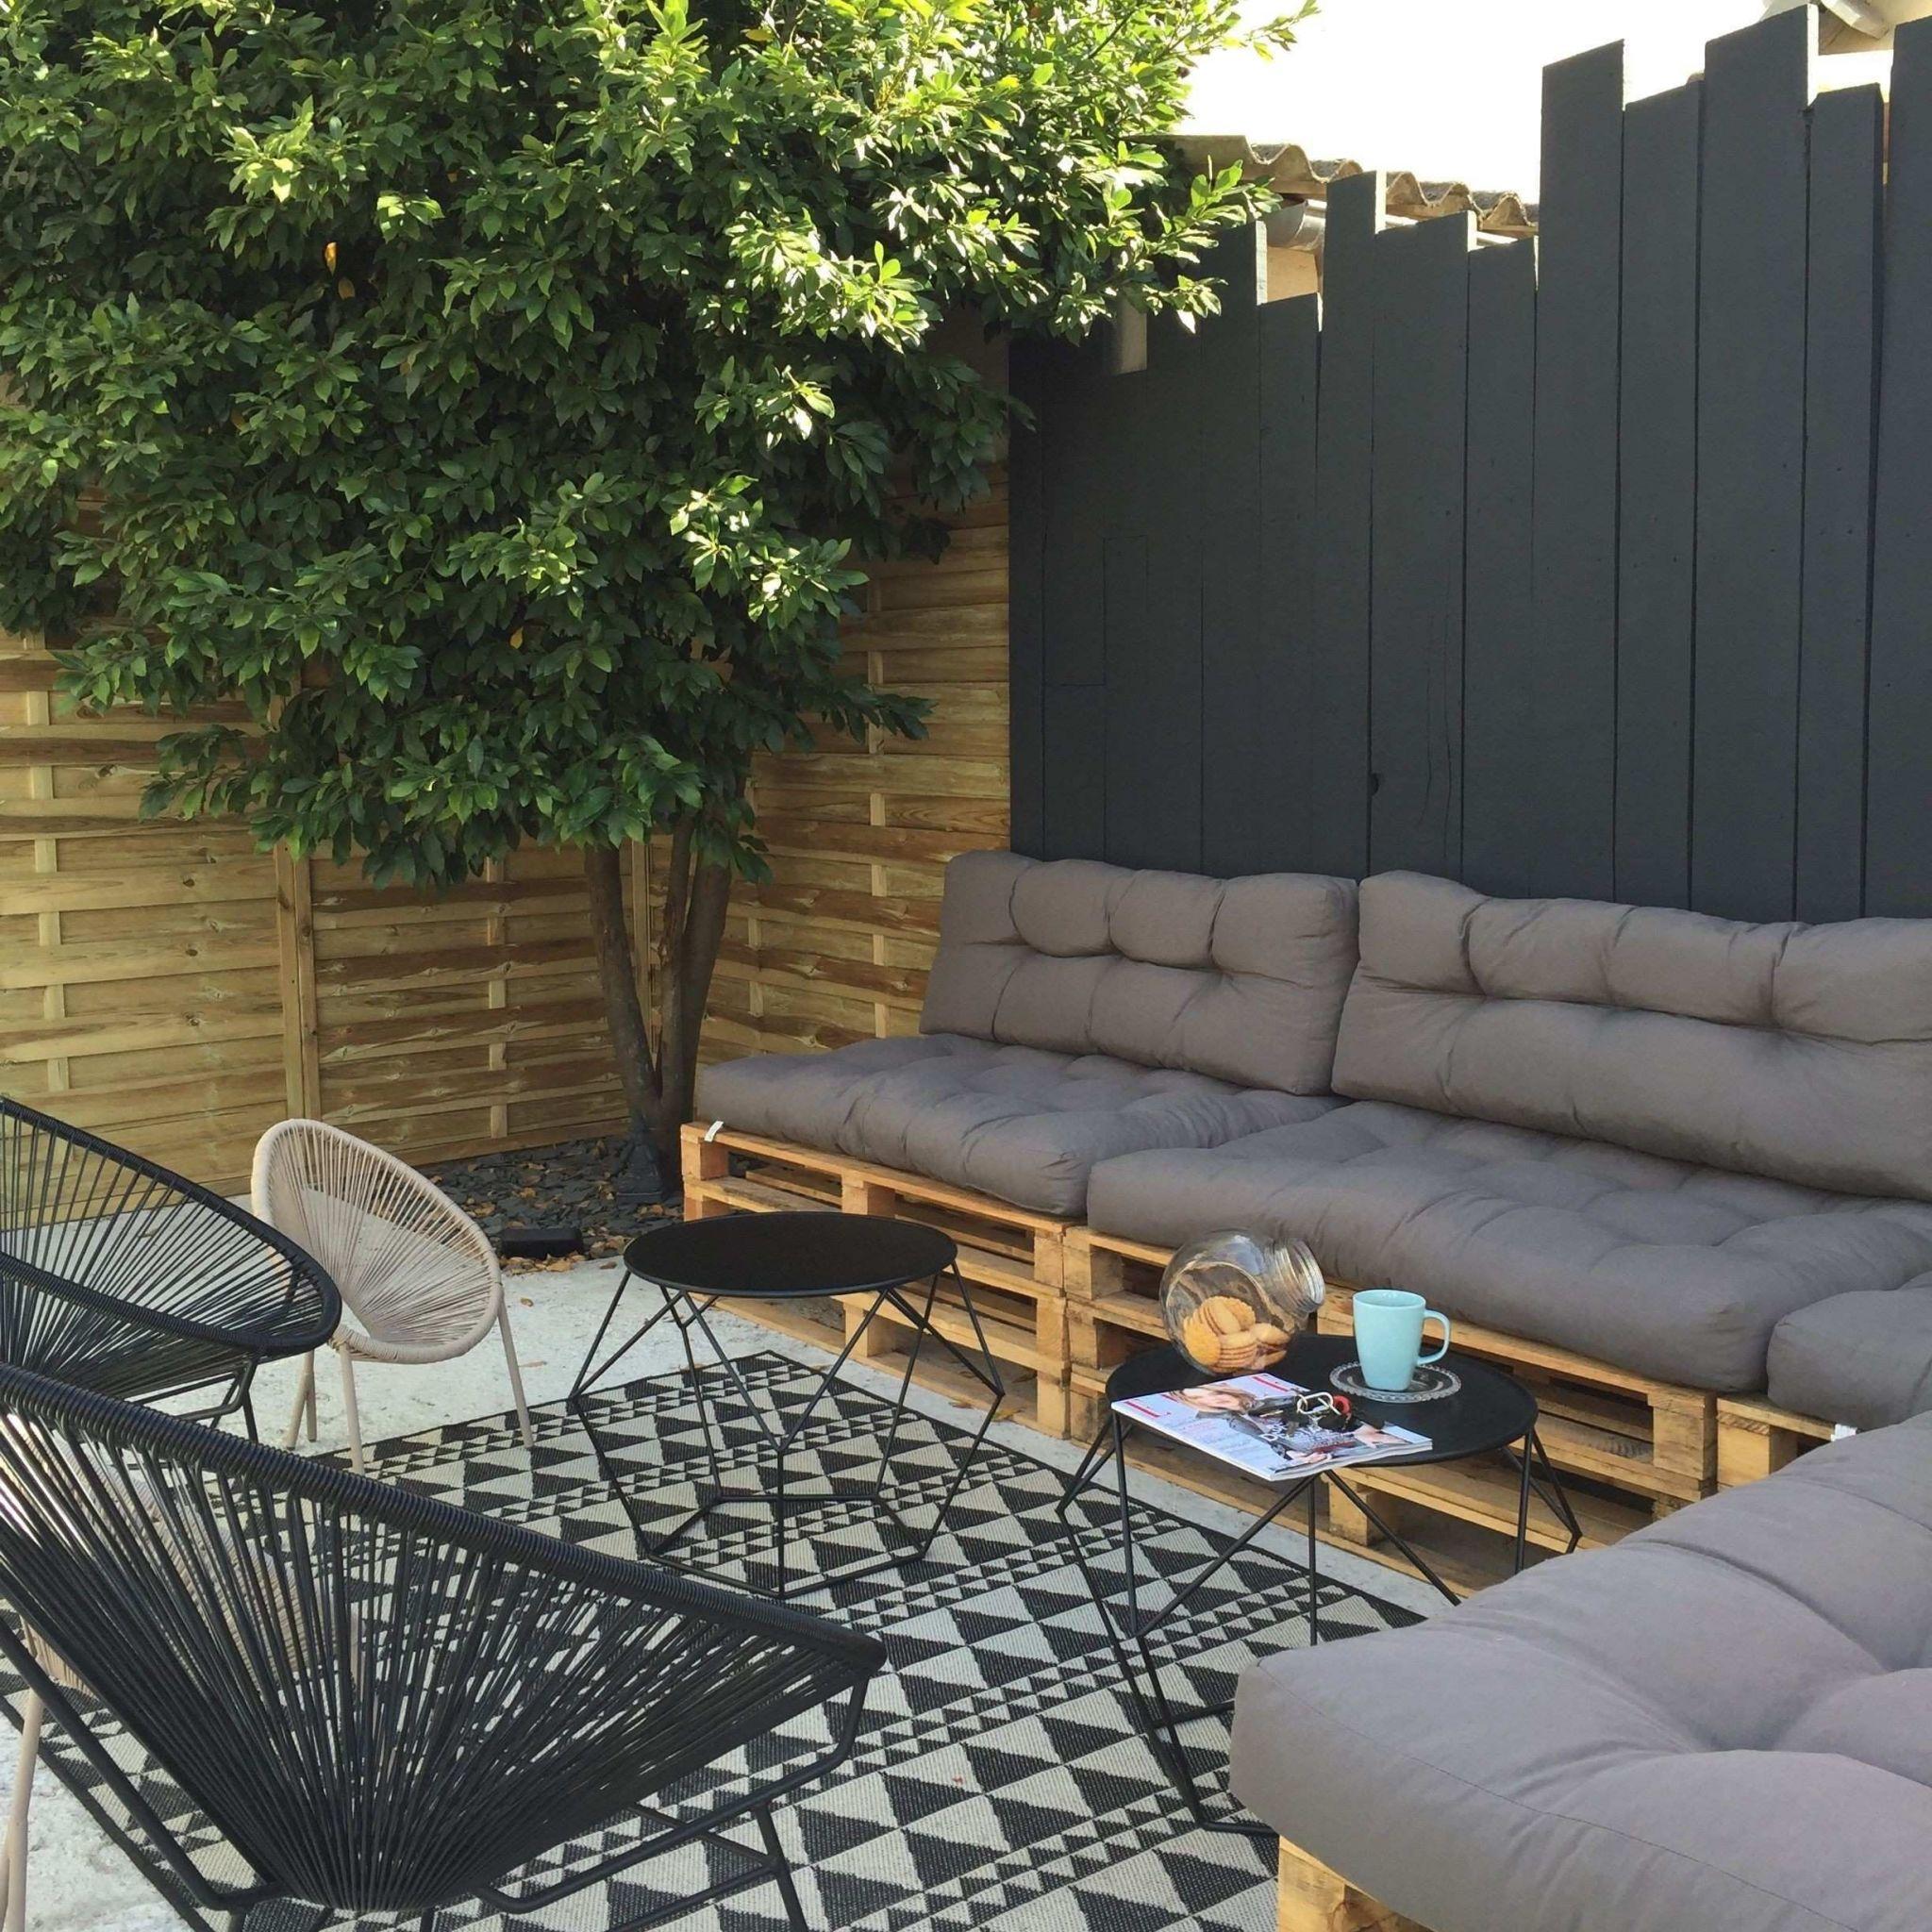 Décoration De Terrasse Extérieure 28 beau bar de terrasse exterieur | salon jardin